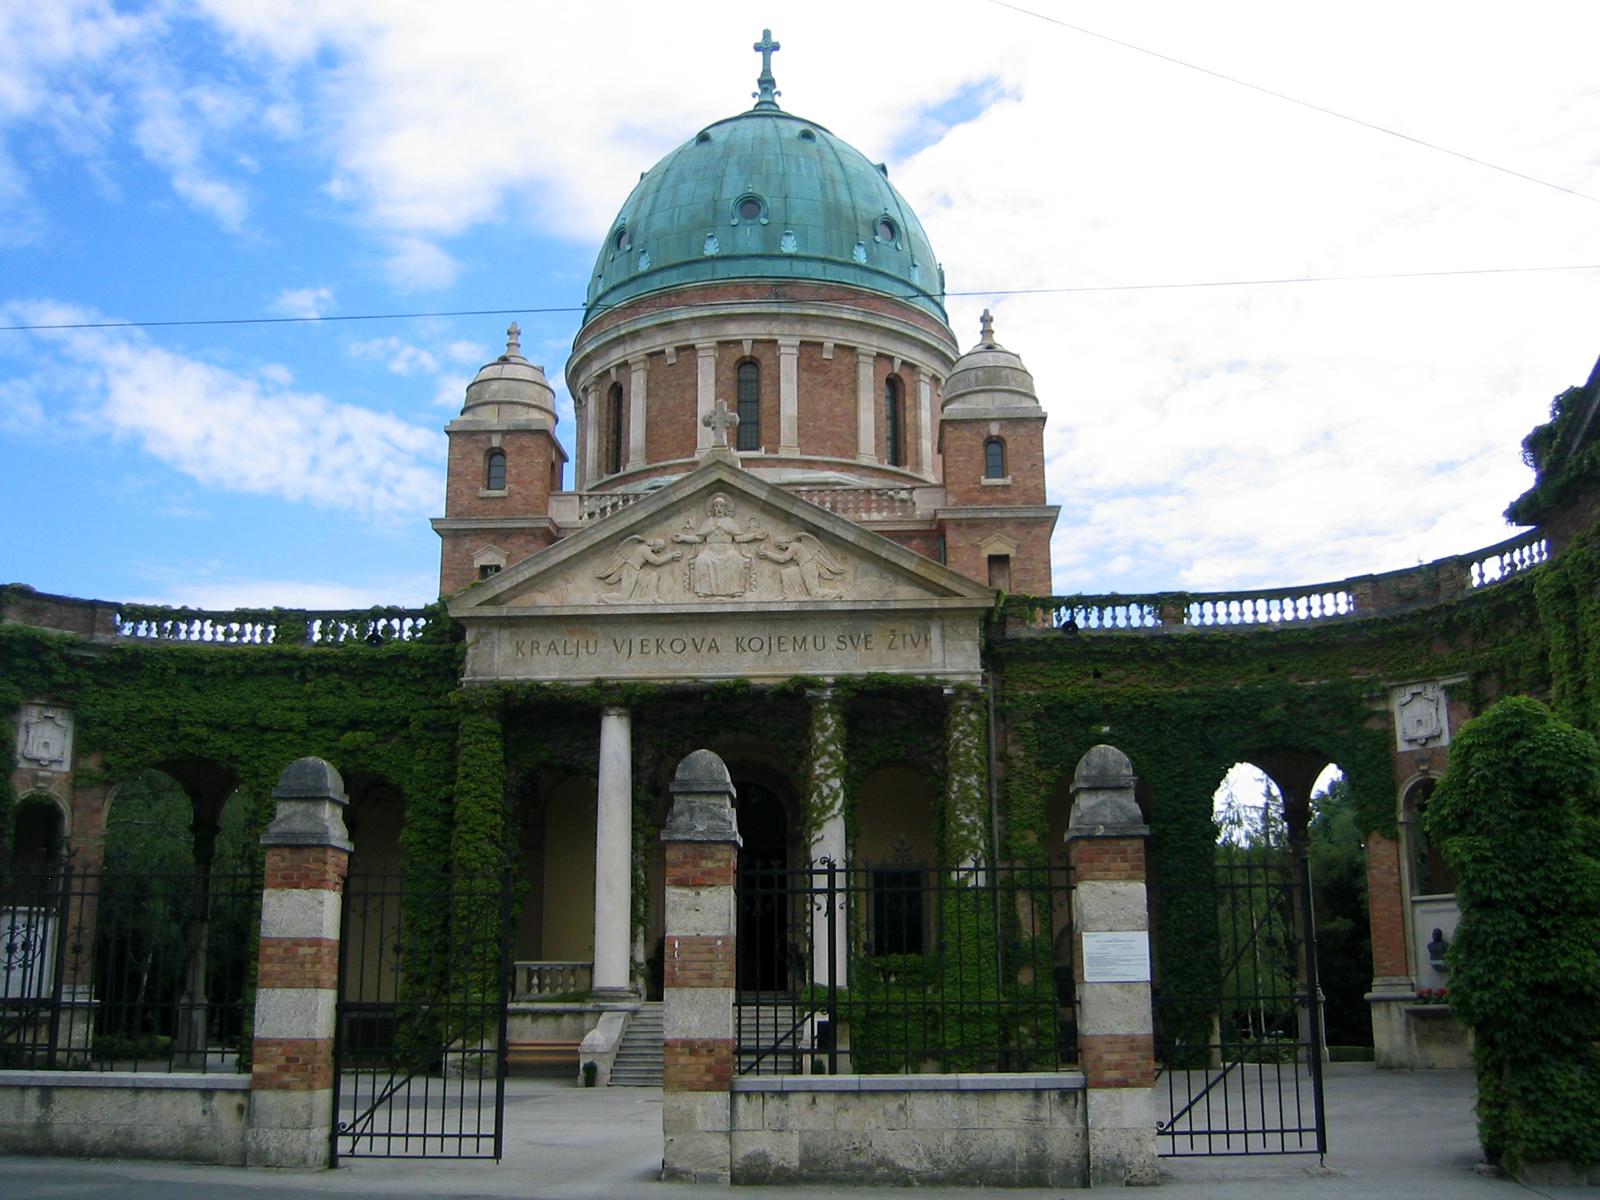 Вход на Мирогойское кладбище